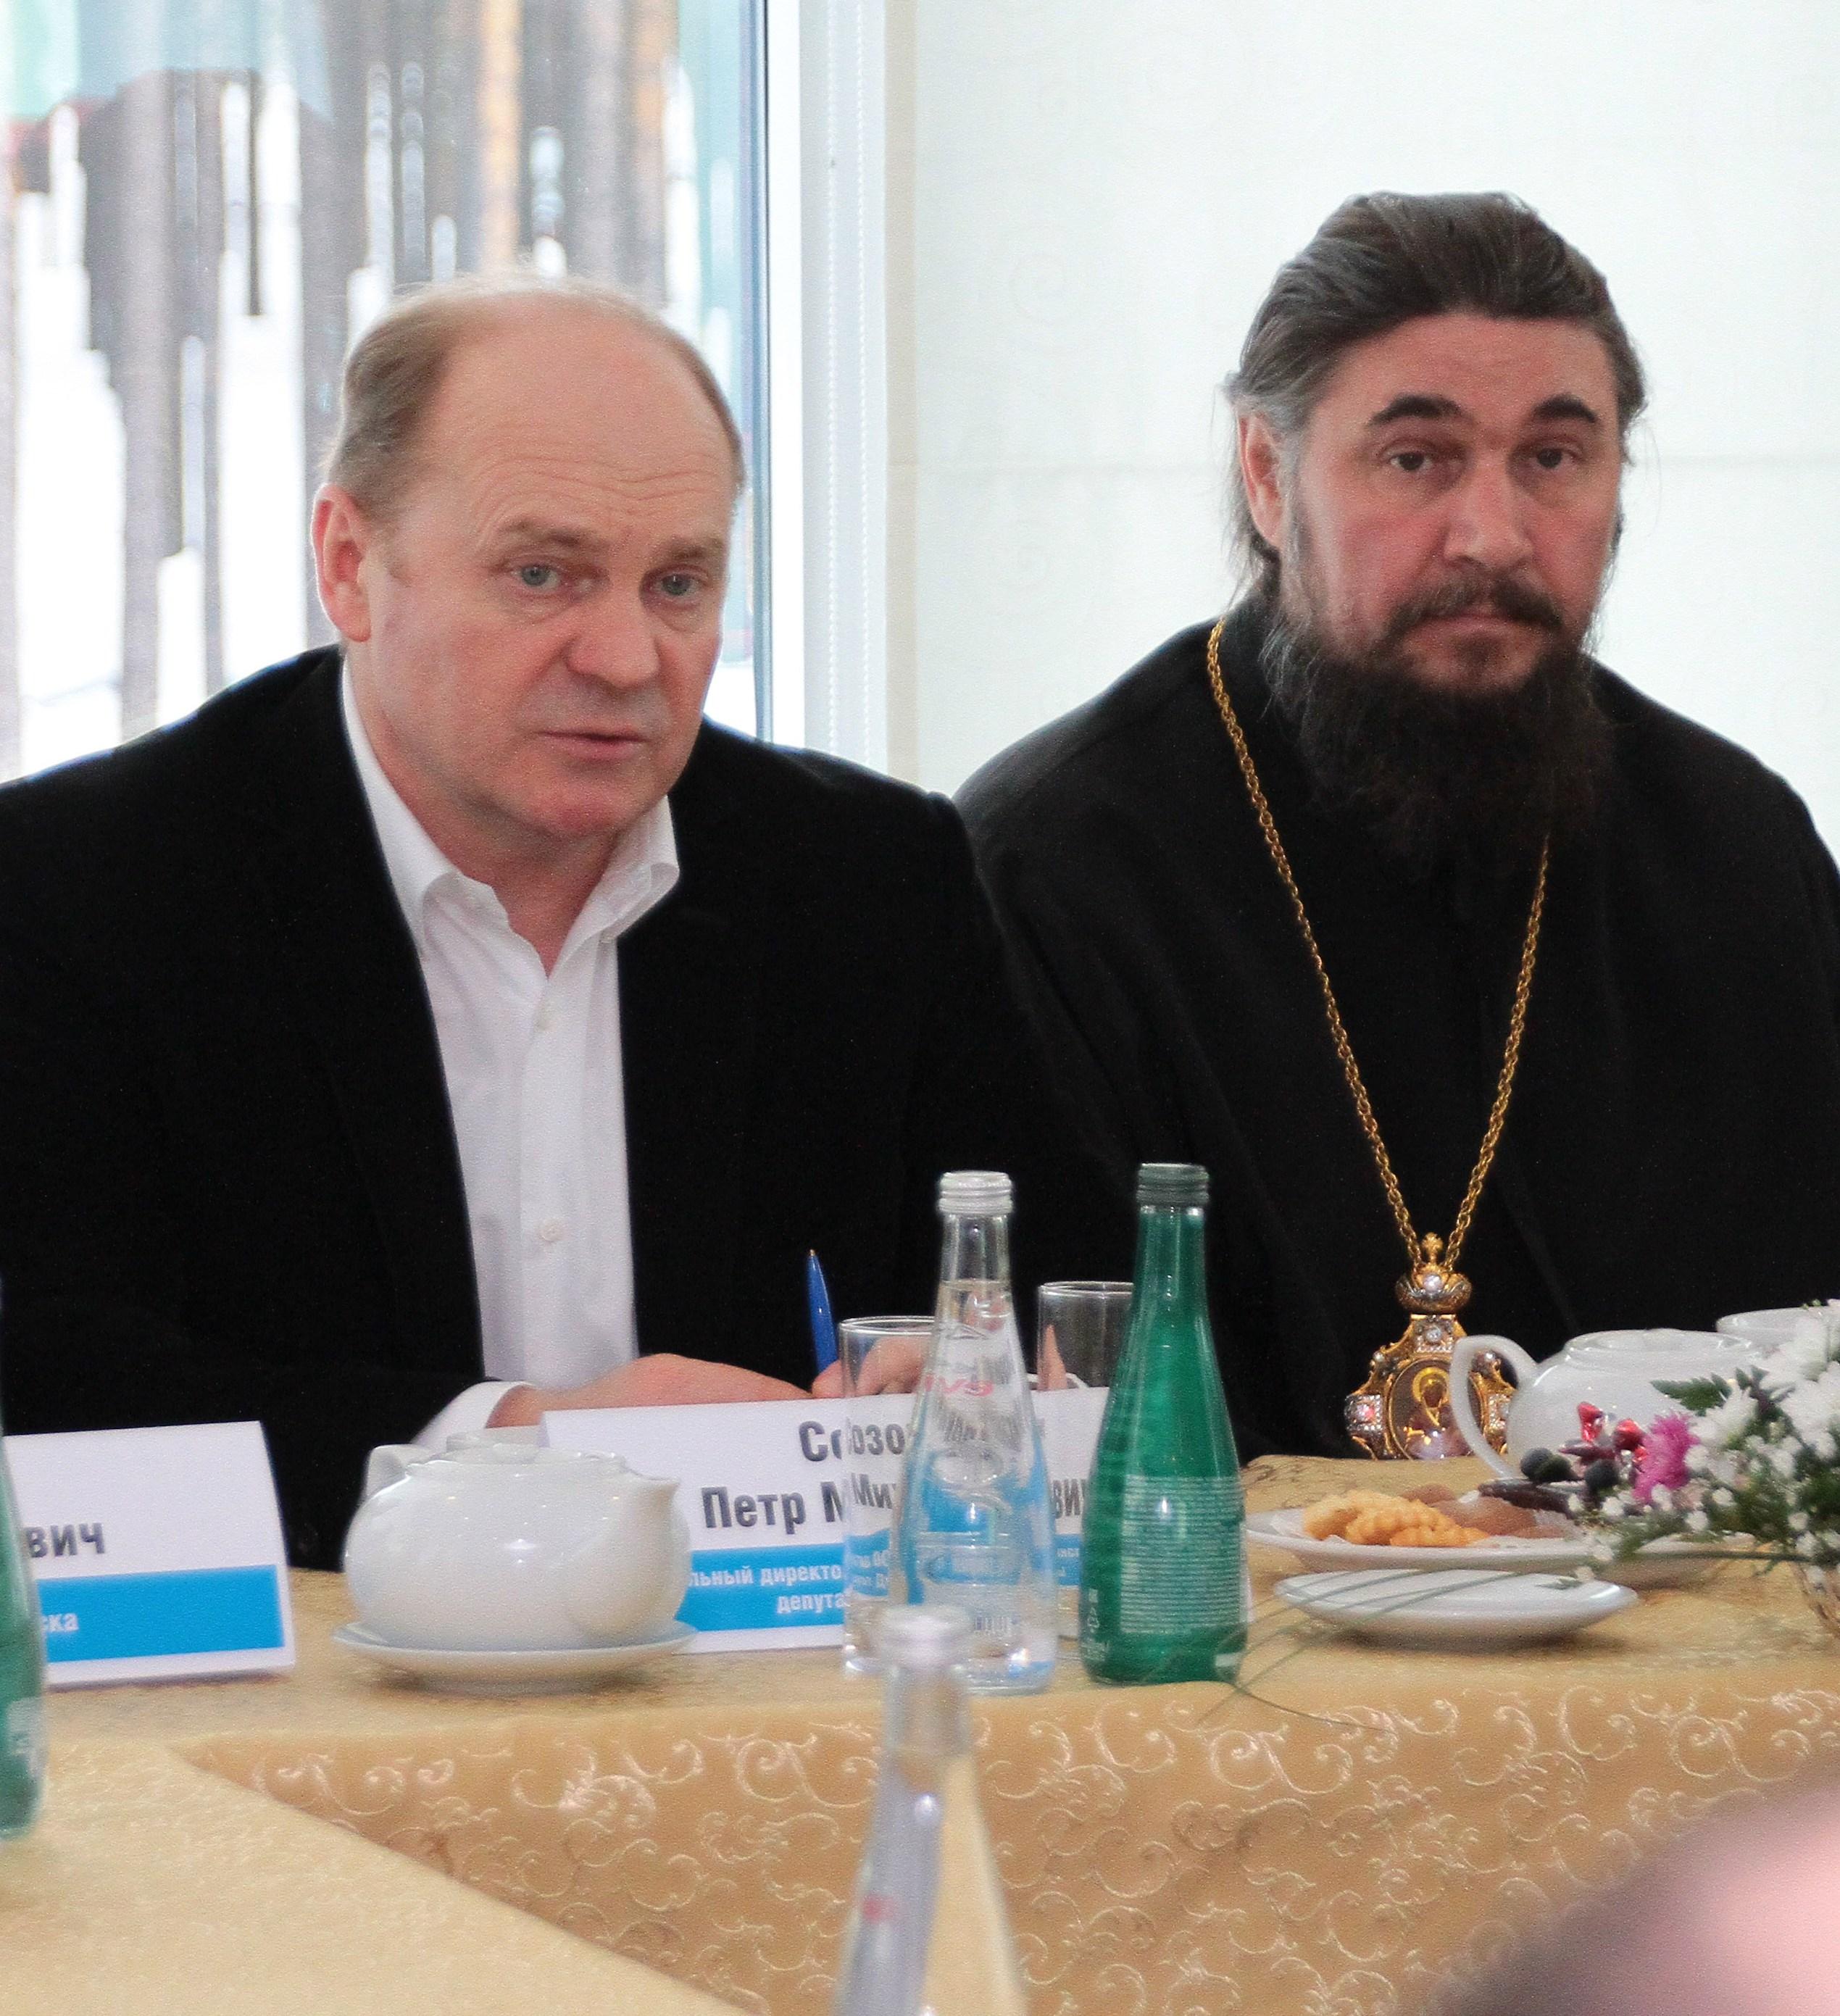 Югорск Газпром скандал коррупция Созонов Гайдт нарушения